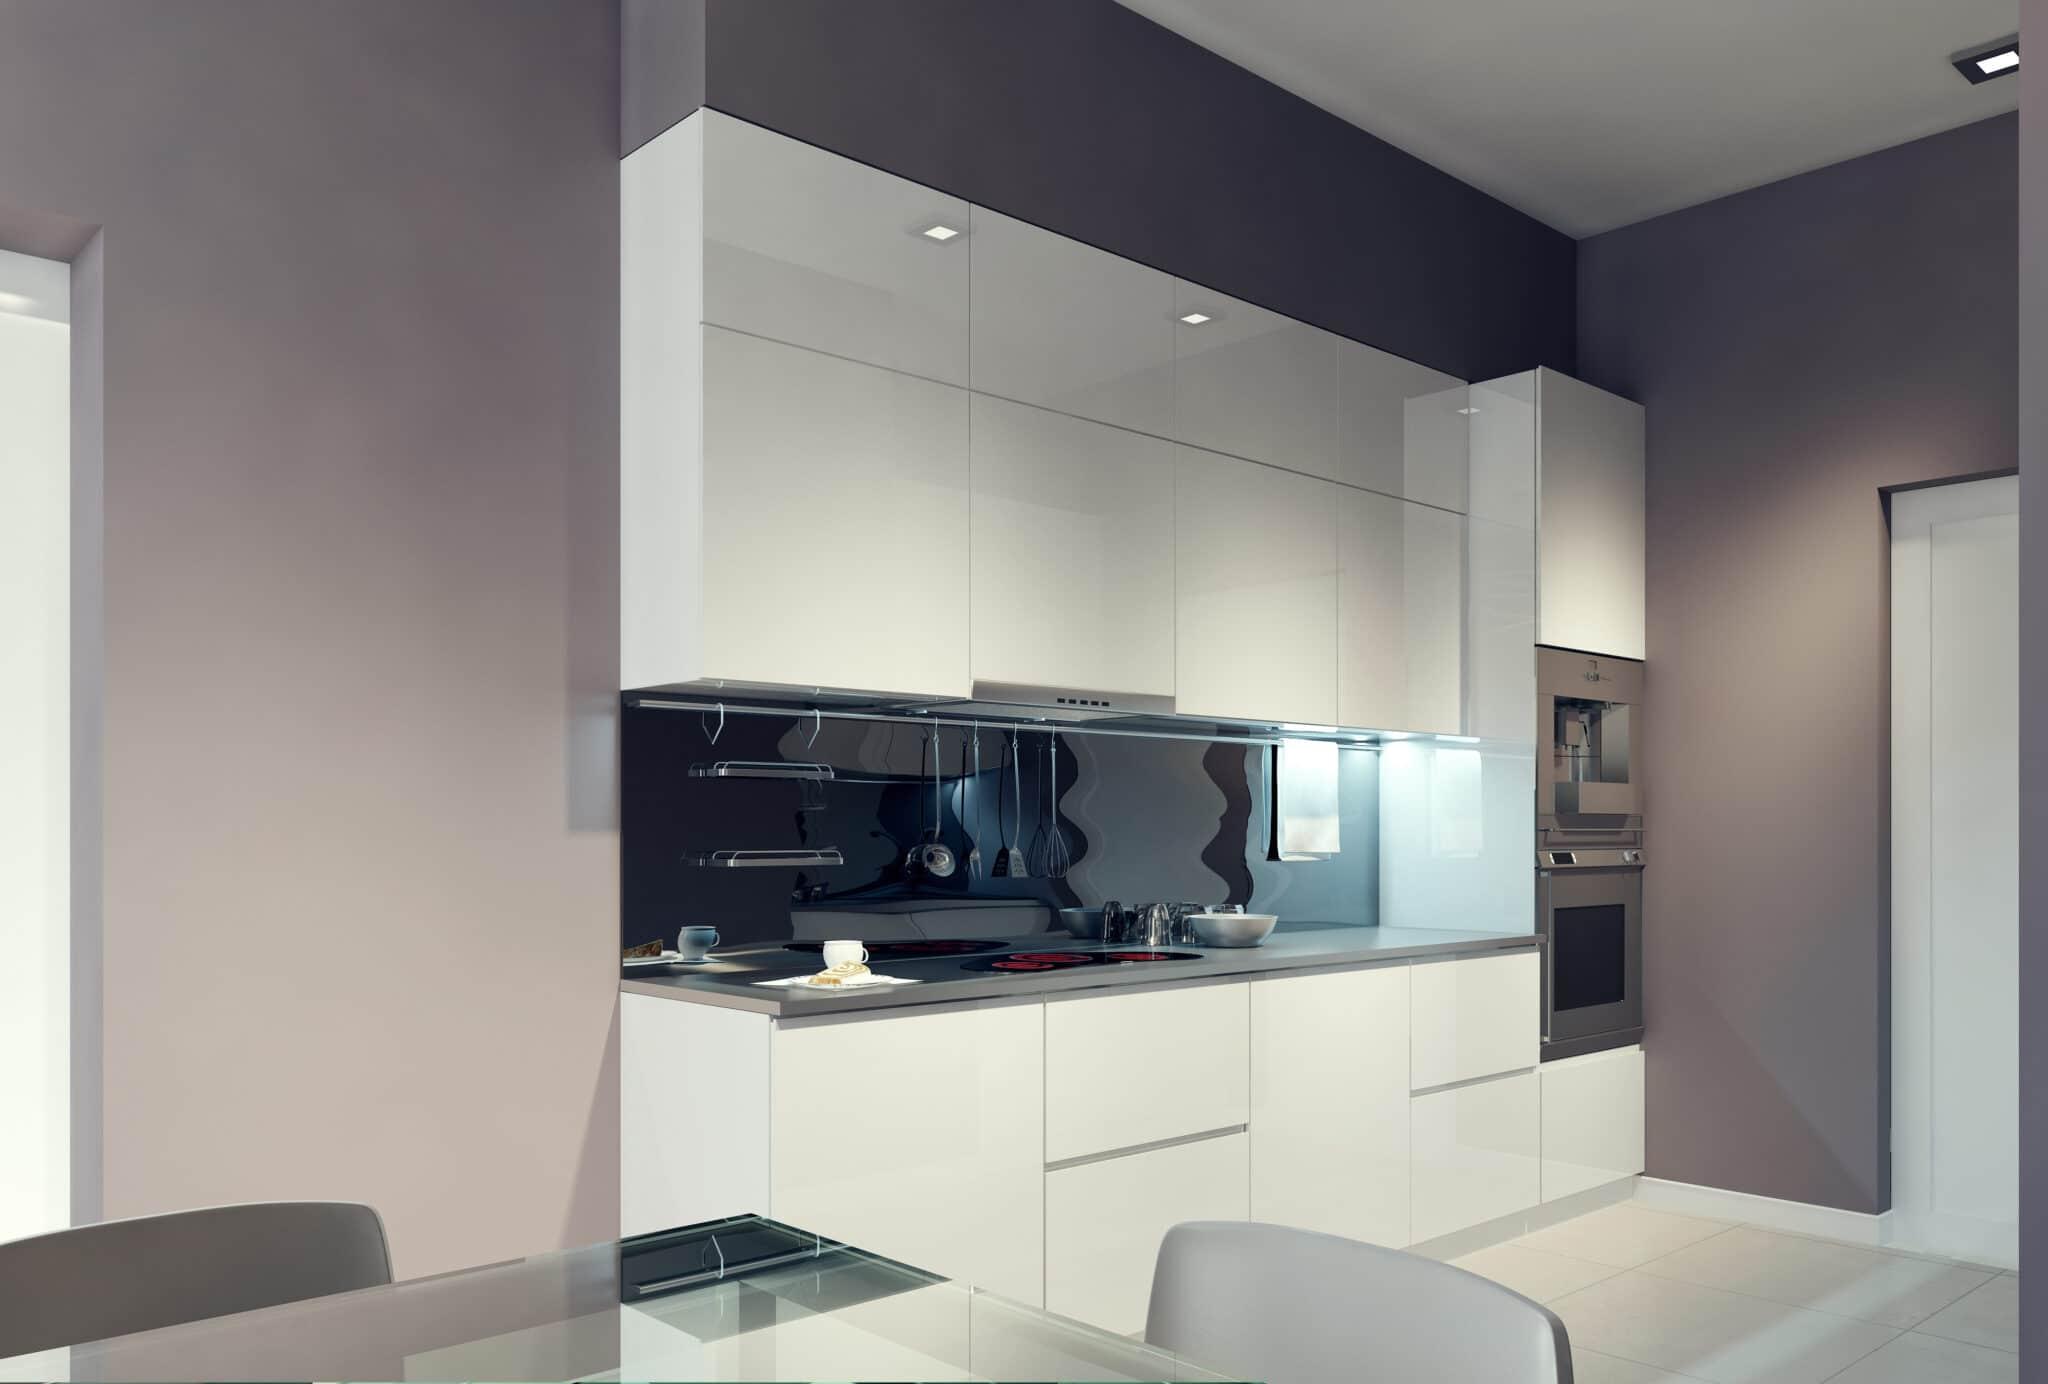 עיצוב מטבחים בהתאמהחברות שמשווקות כיורים יוקרתיים למטבחים מהירים עם הרבה וותק שיודעים לתת אחריות מלאה לעבודתם במקביל להפעלת המקרר והתנור ללקוח במטבח שלו